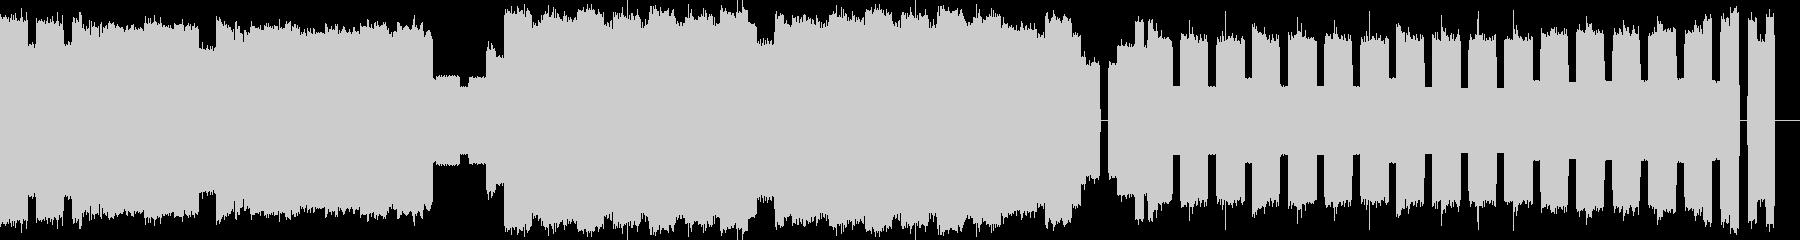 ファ○コン風ファンファーレの未再生の波形